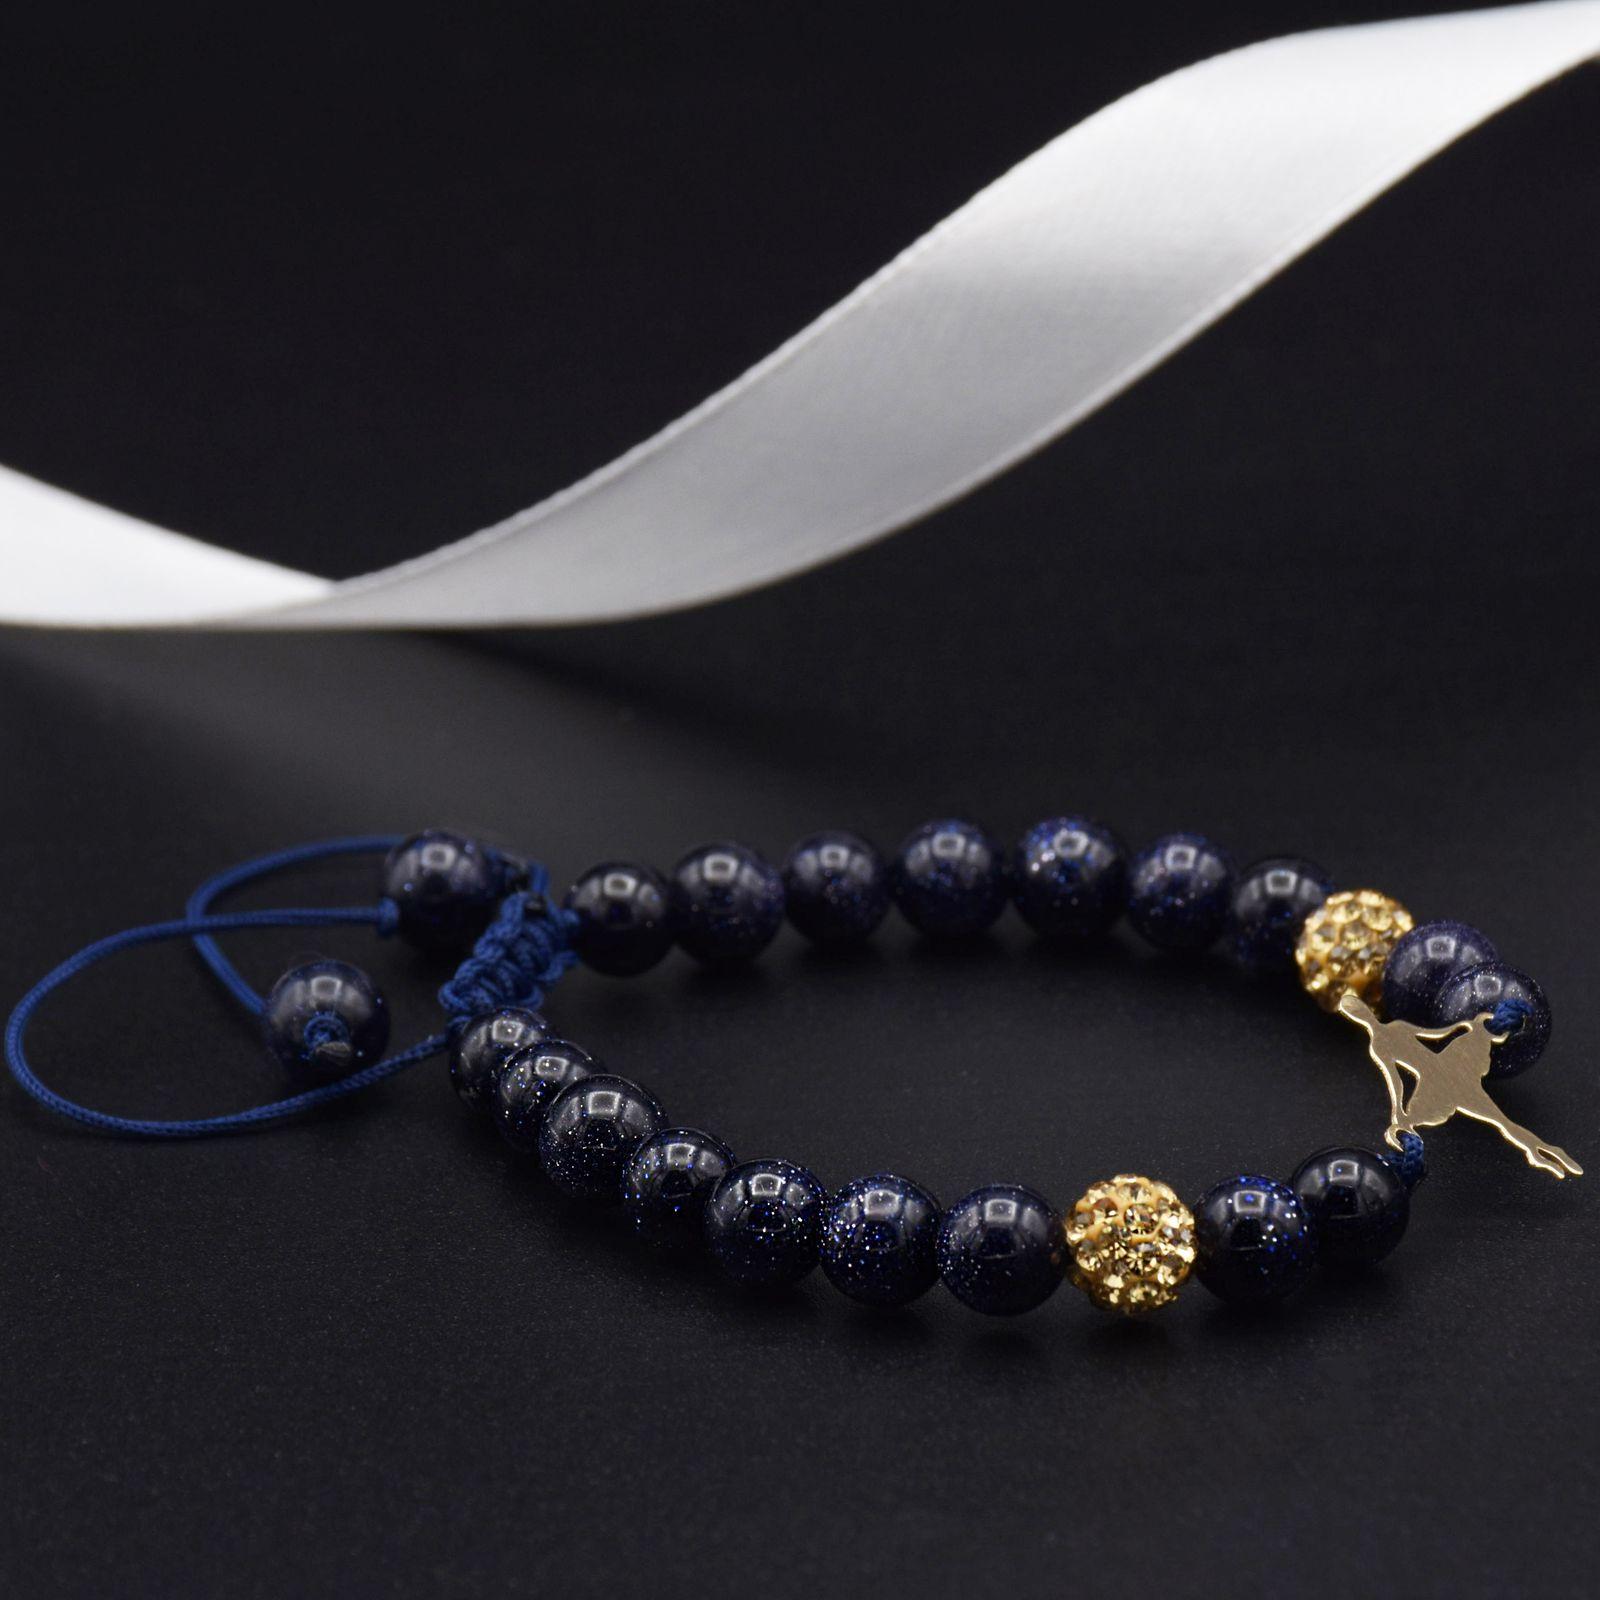 دستبند طلا 18 عیار زنانه آمانژ طرح بالرین کد 955D8902 -  - 2